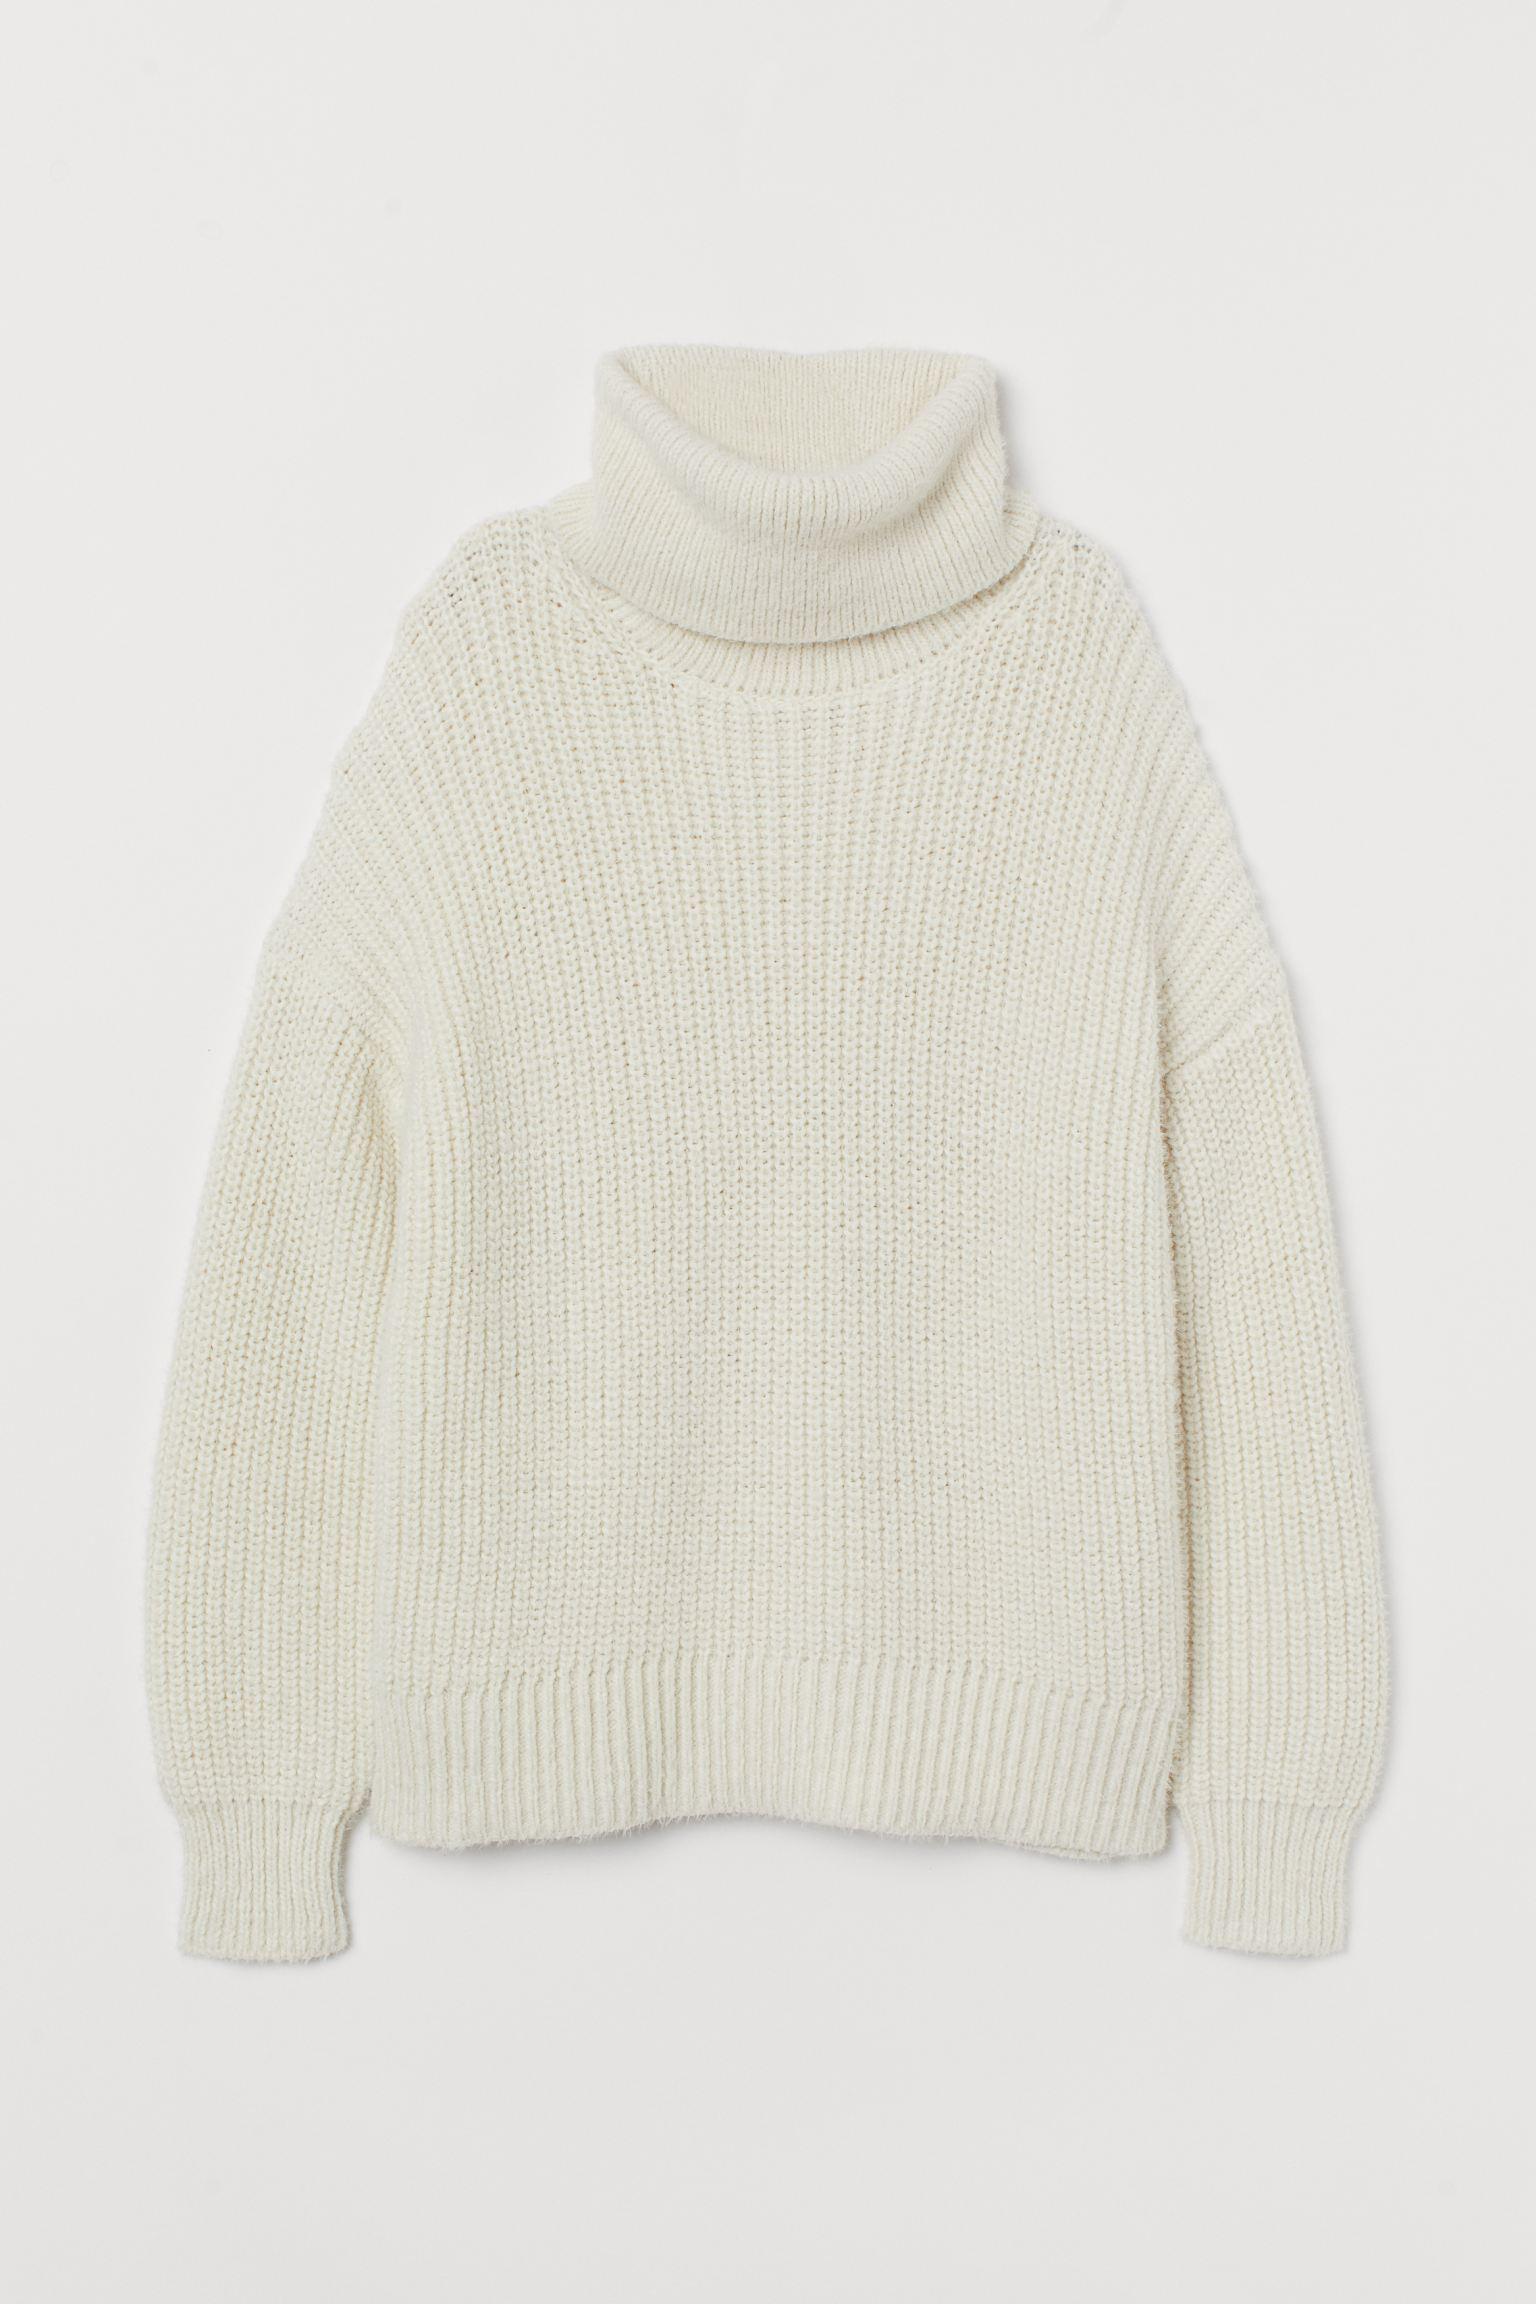 Jersey en punto suave con lana en la trama. Modelo con cuello alto, hombros marcadamente caídos y remate de canalé en puños y bajo. Confeccionado con poliéster reciclado.